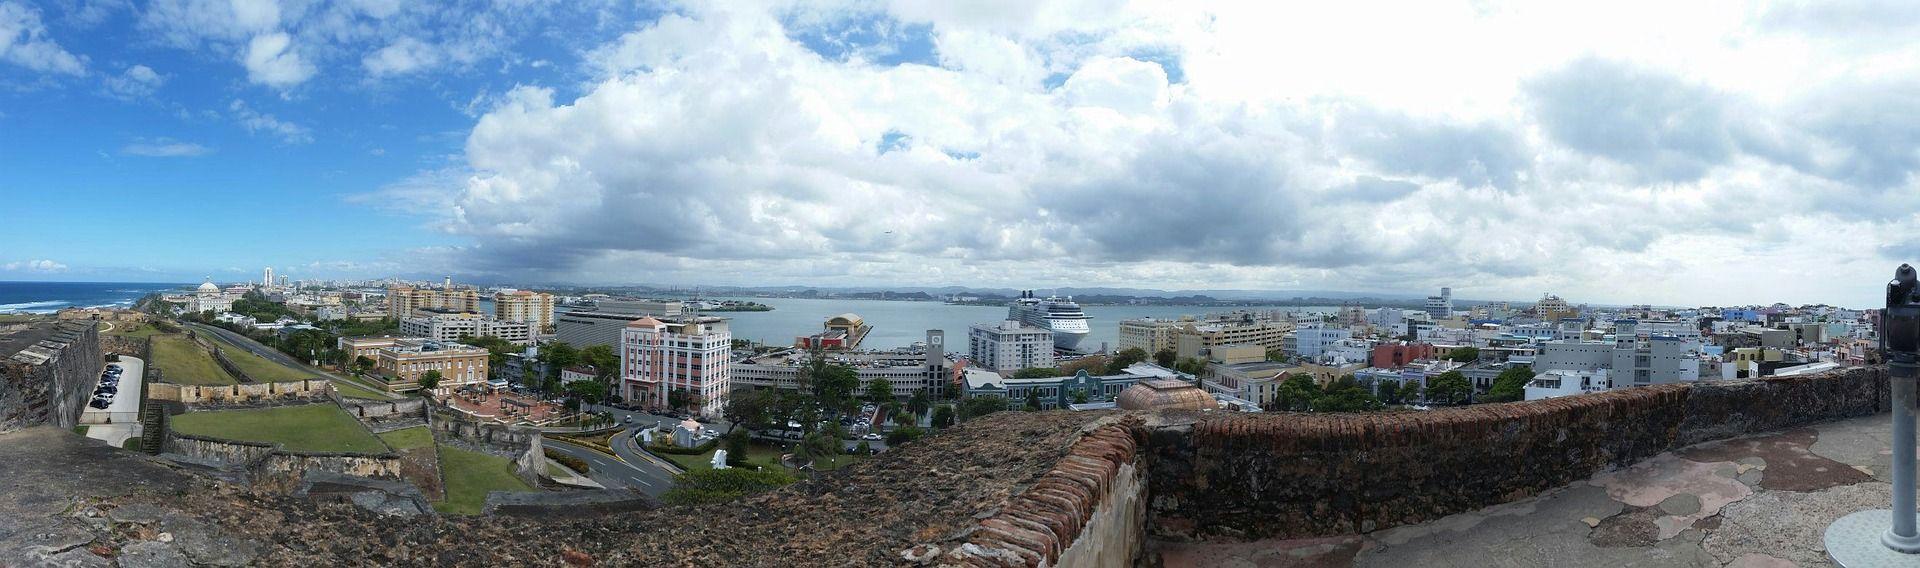 REFERENDUM Hoće li Portoriko postati 51. država SAD-a?